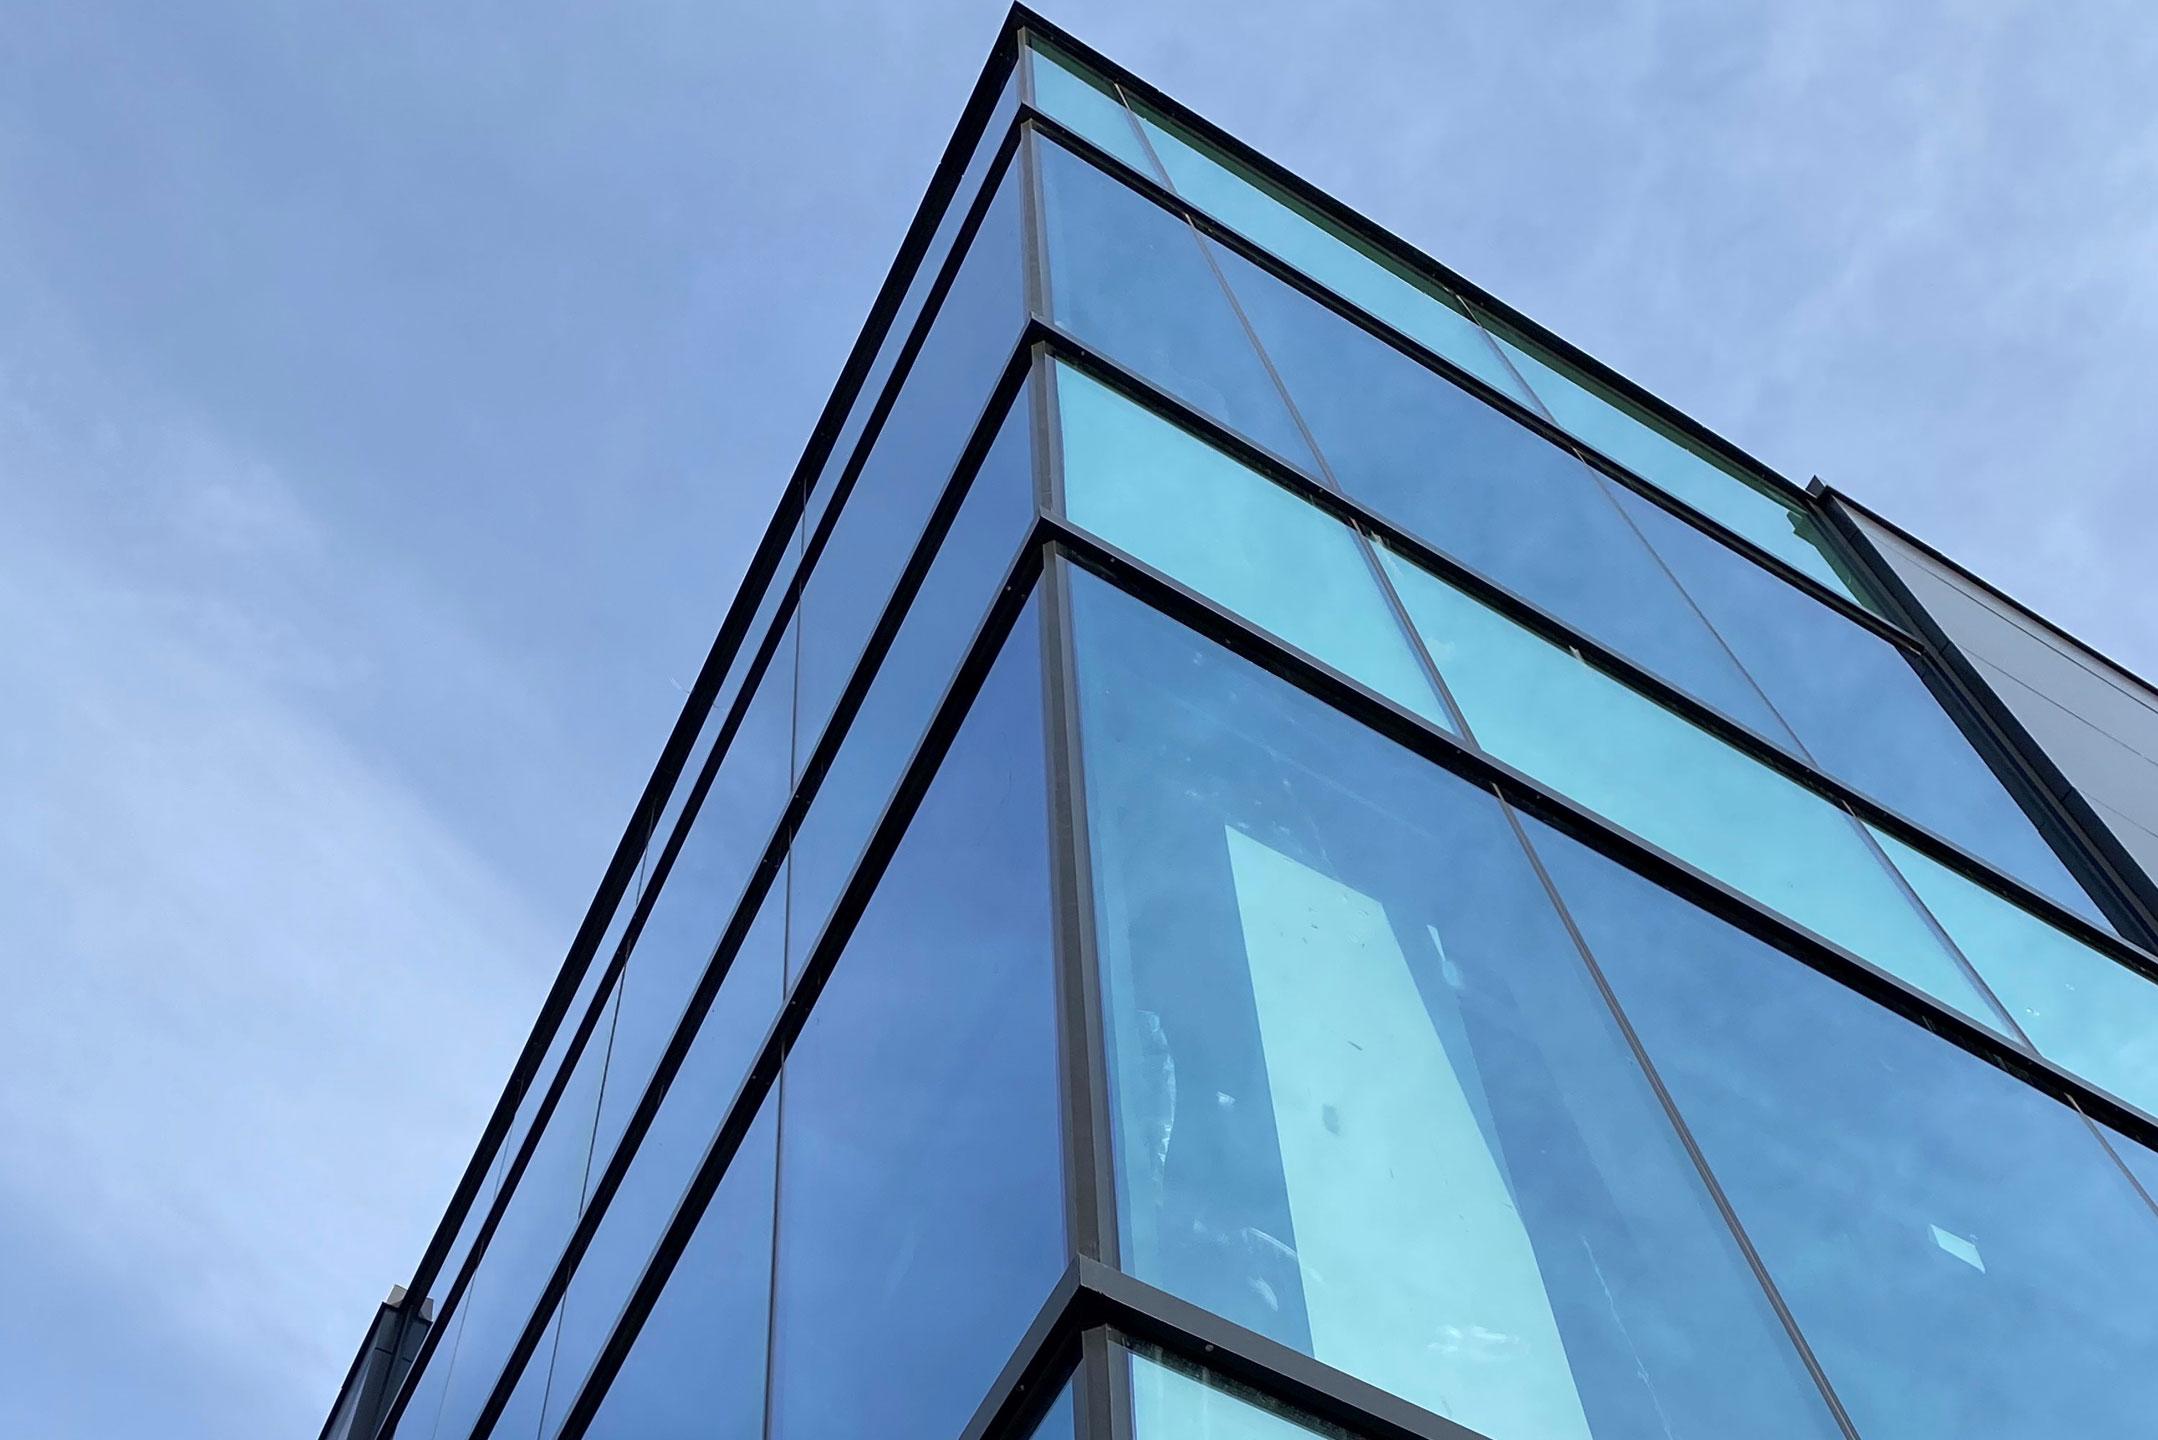 curtainwall_facade